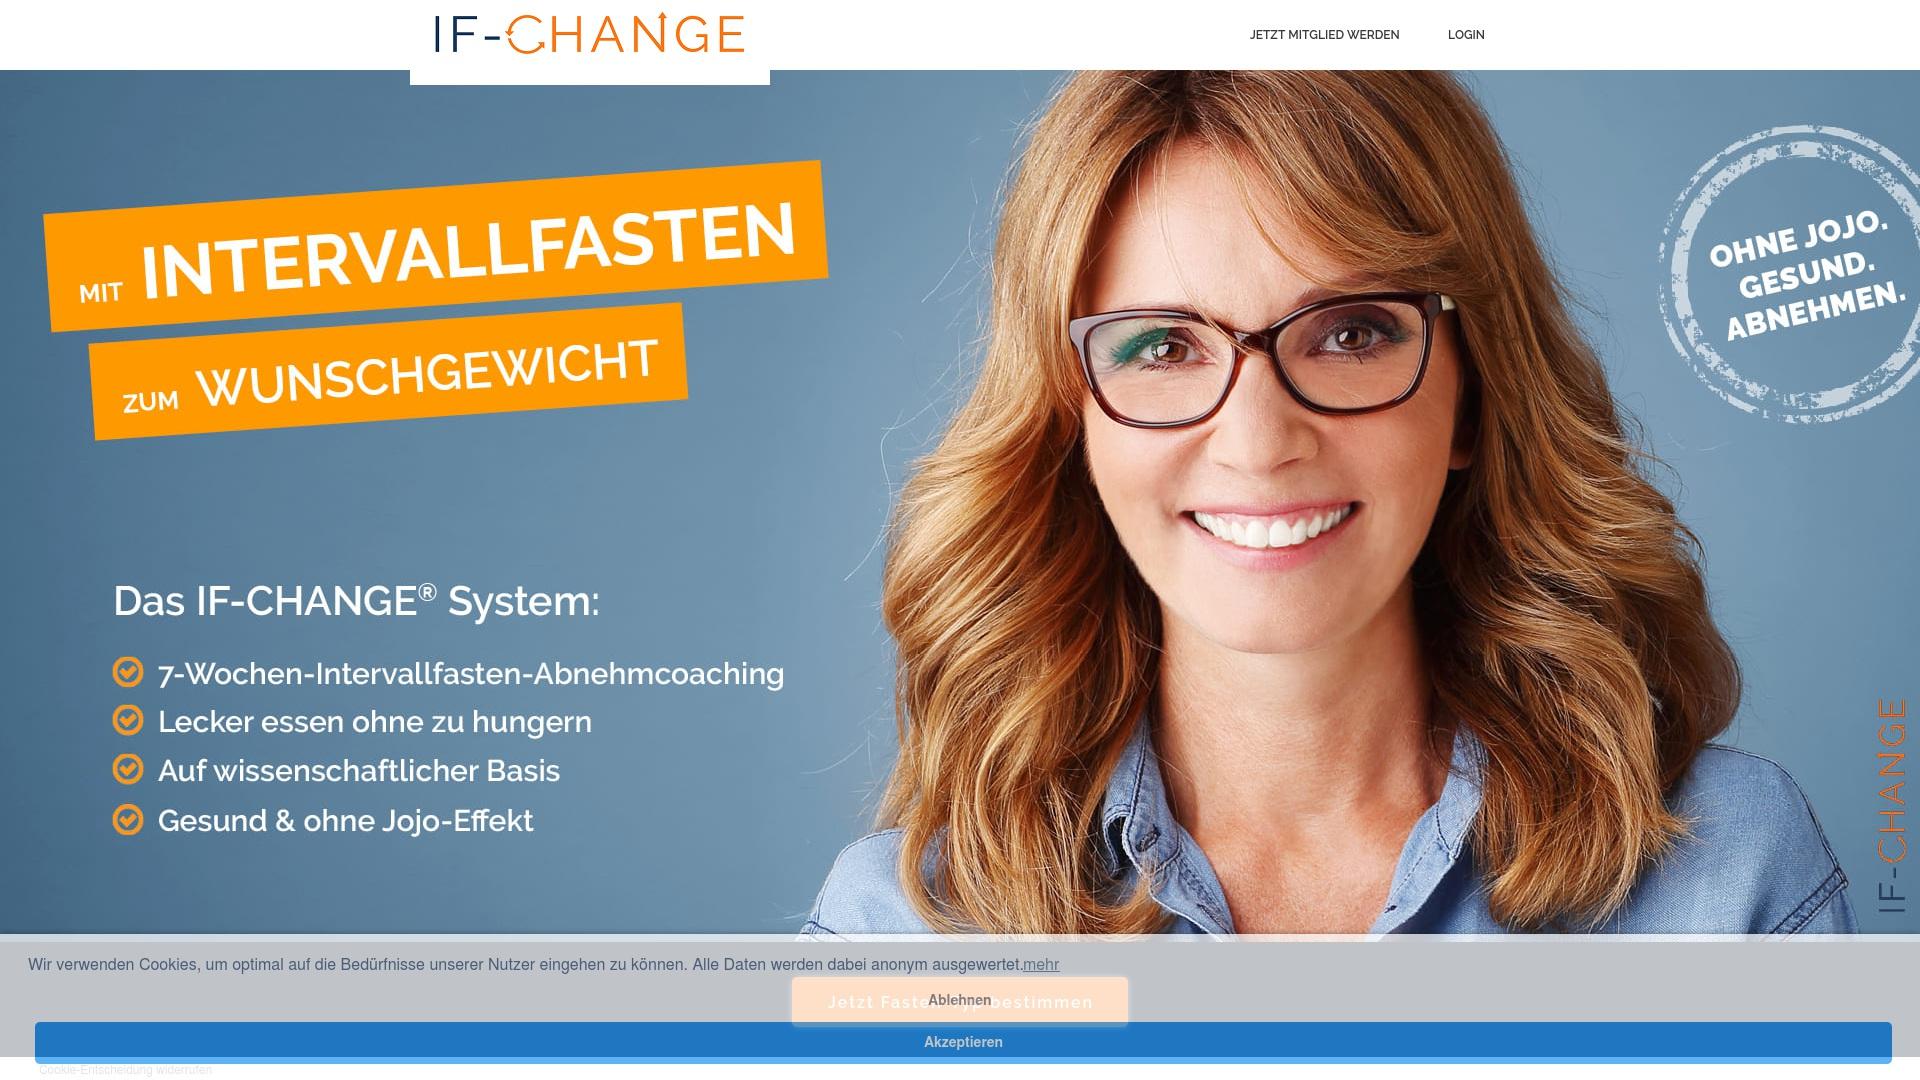 Gutschein für If-change: Rabatte für  If-change sichern